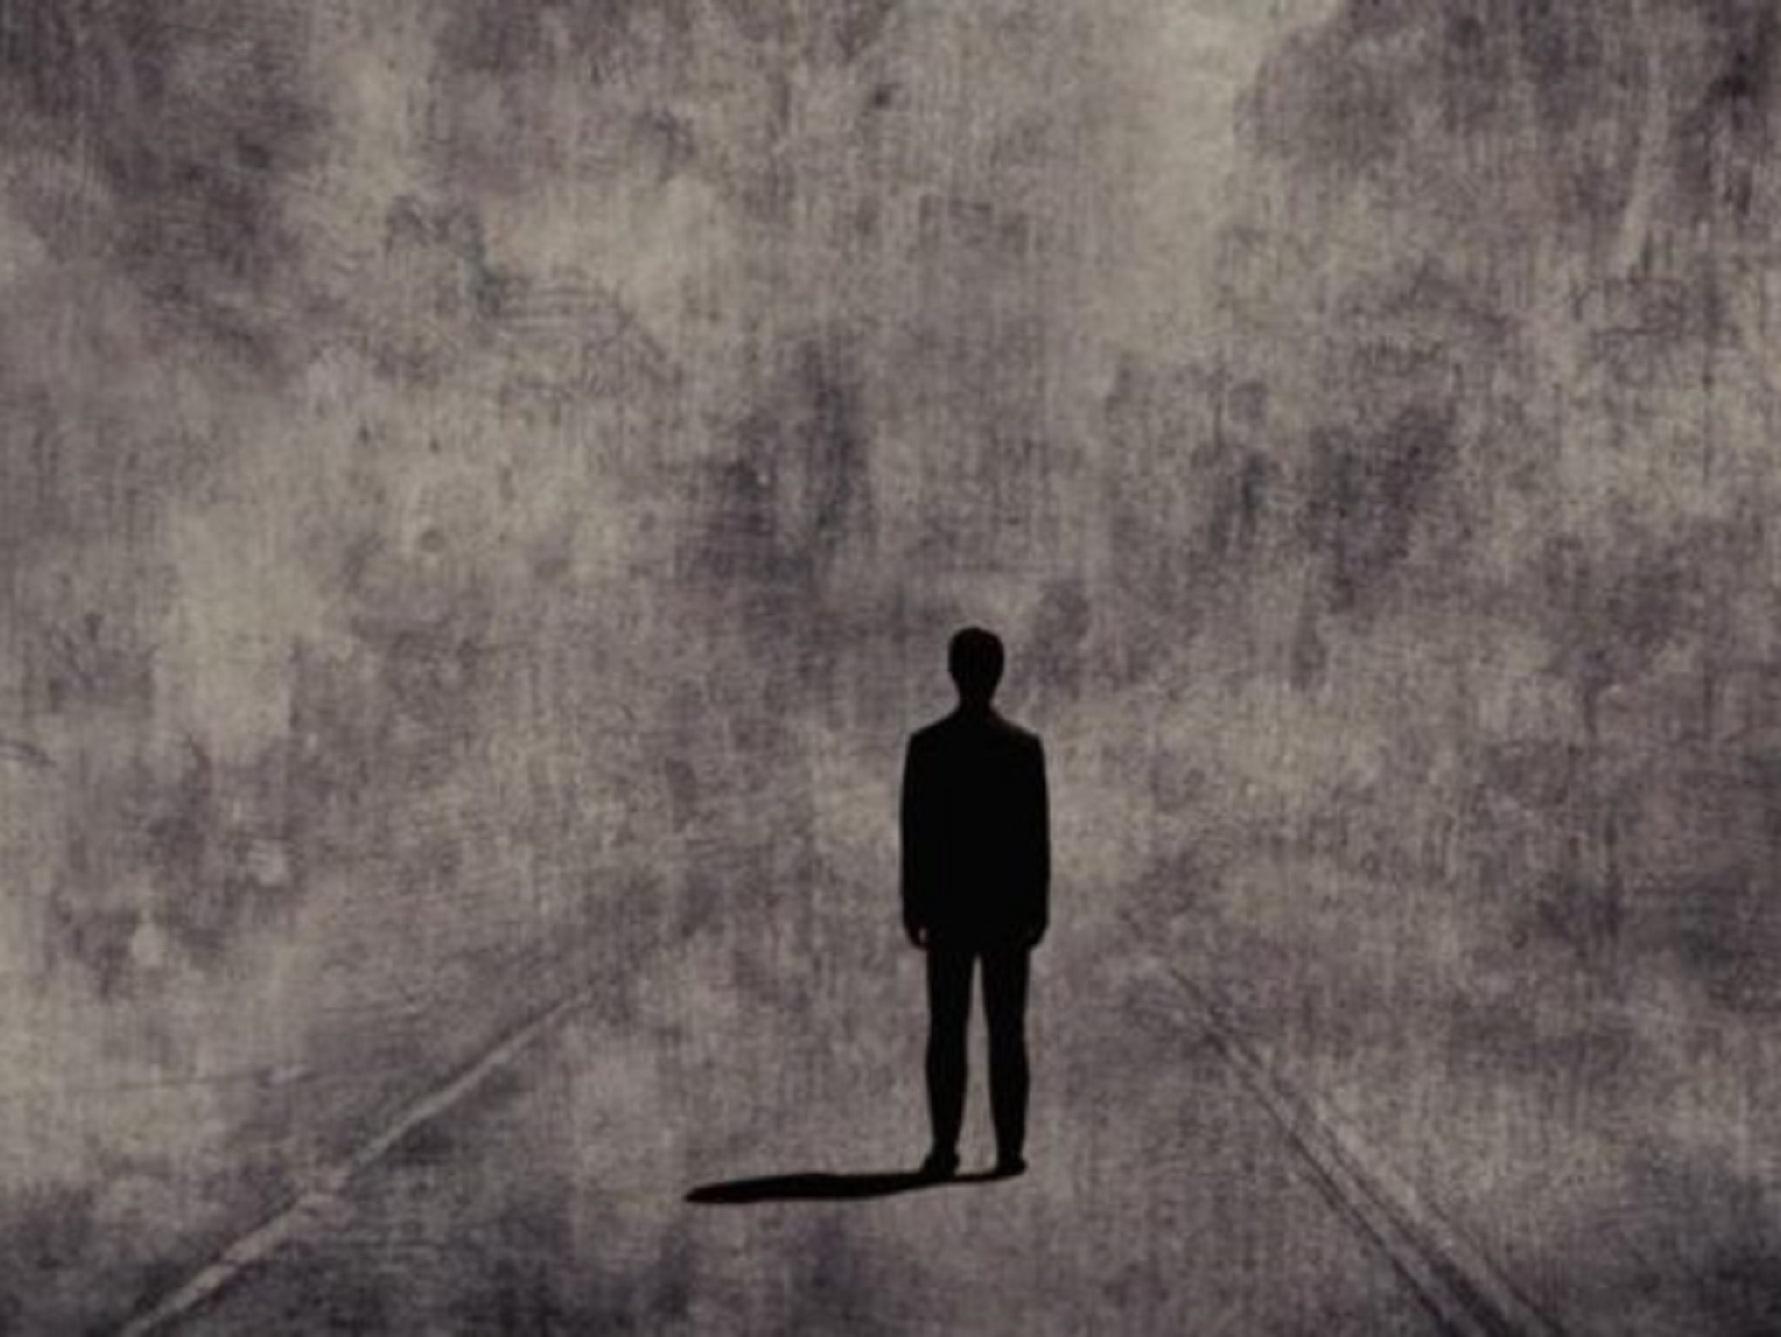 одиночество лучше чем пустые люди картинки вечеринки